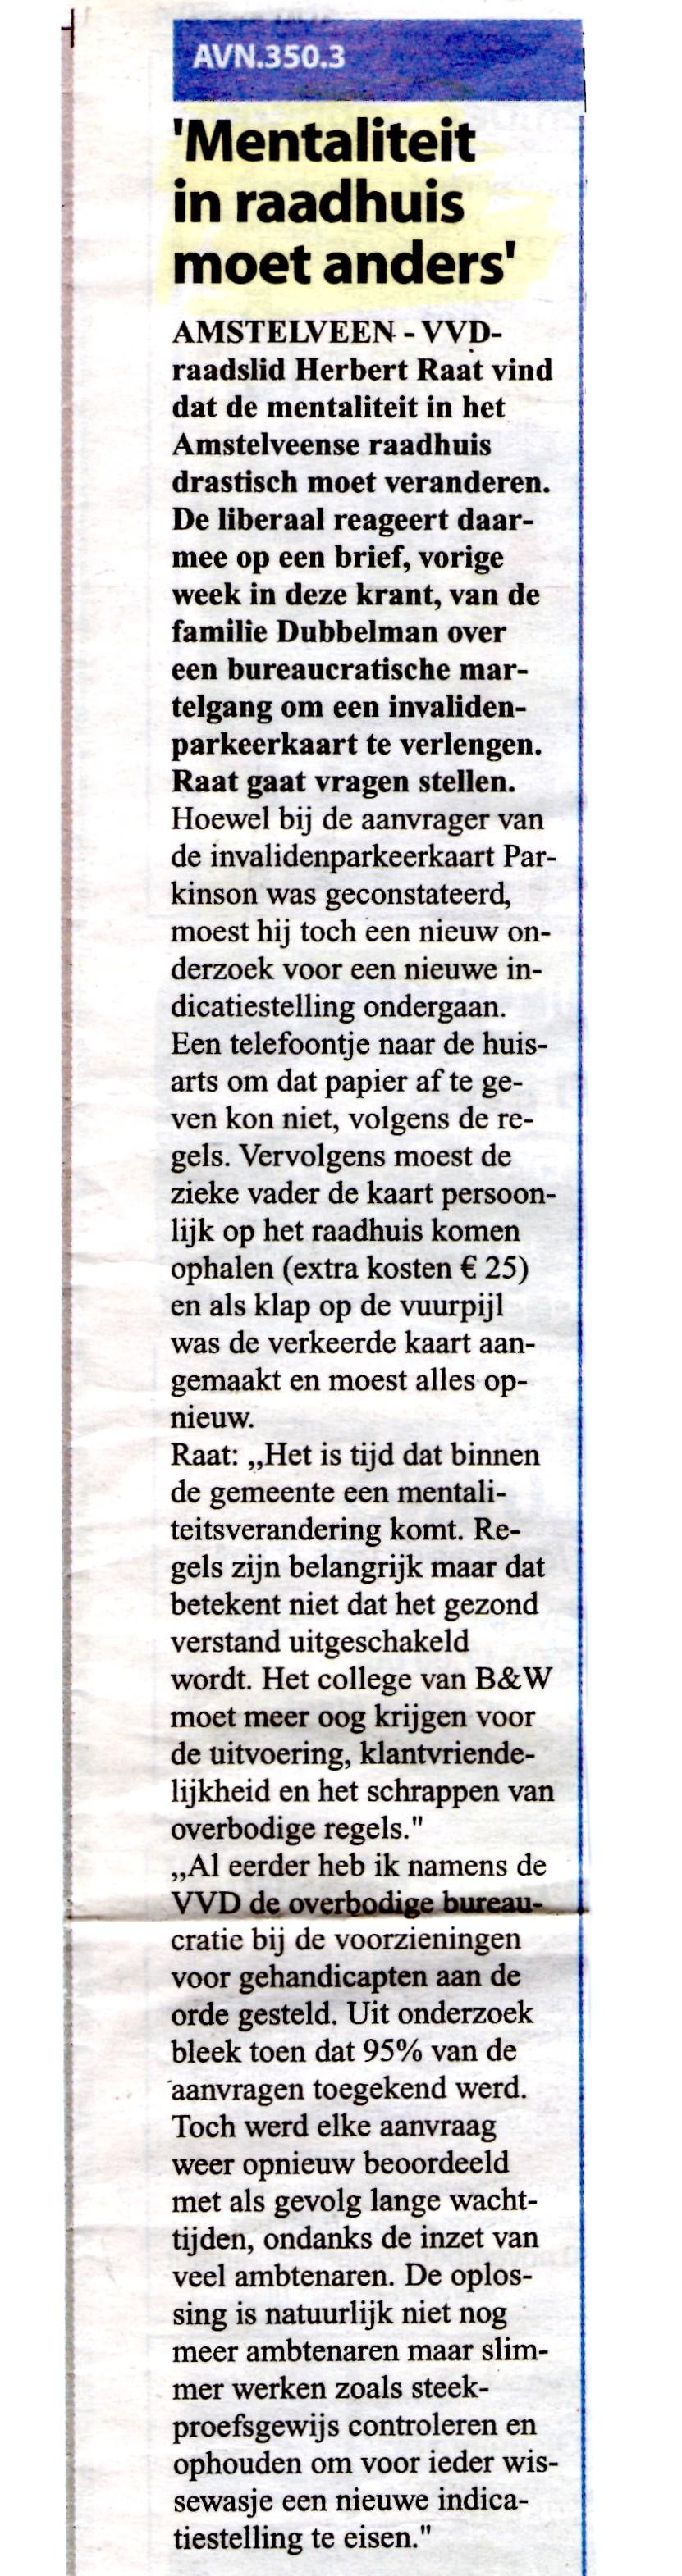 2008-5-9 Amstelveens Nieuwsblad-Invalide met Parkinson ondergaat een bureaucratische martelgang (2)